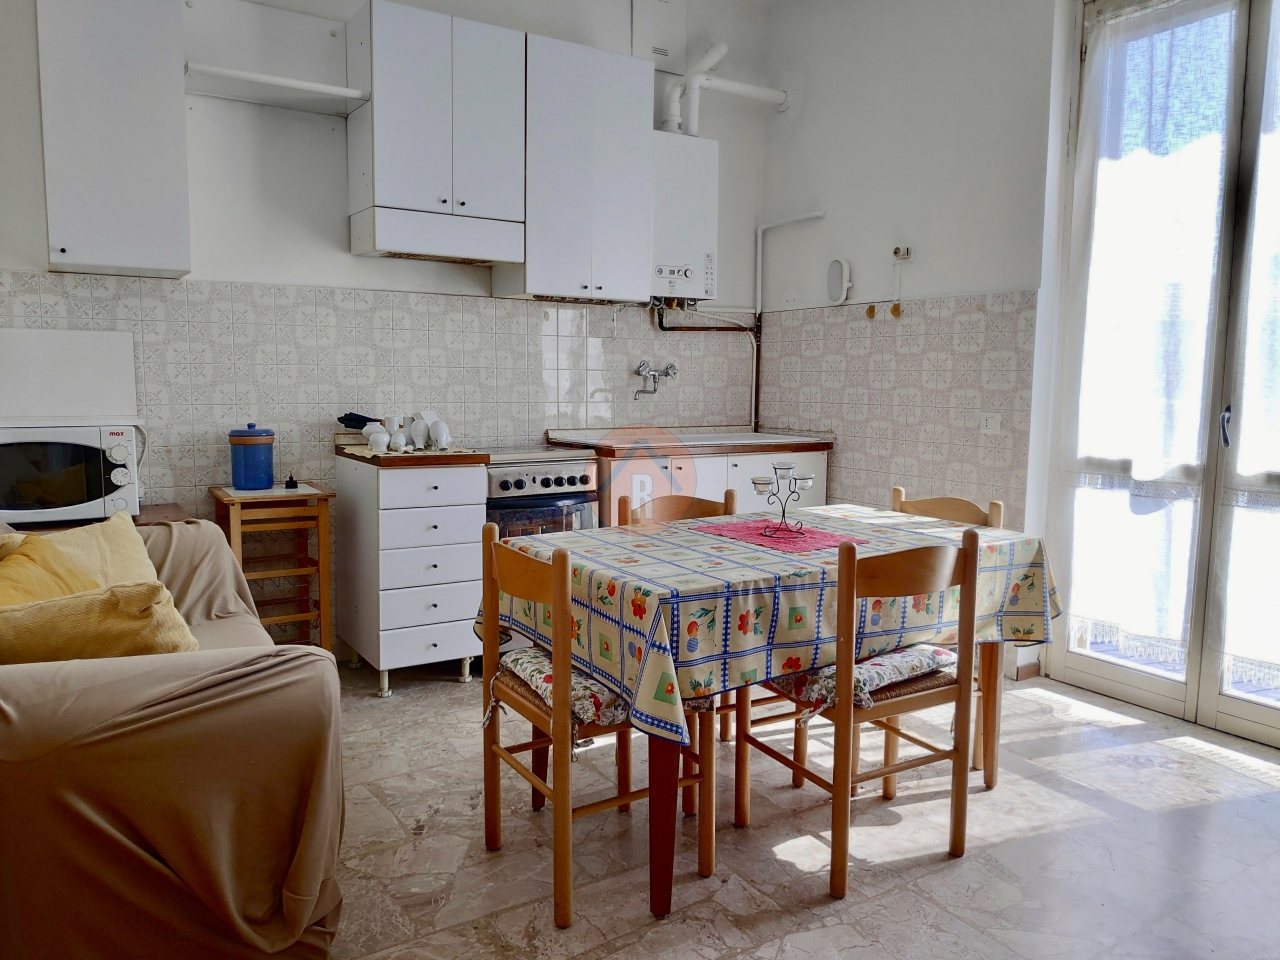 Appartamento in affitto a Cava Manara, 2 locali, prezzo € 400 | PortaleAgenzieImmobiliari.it